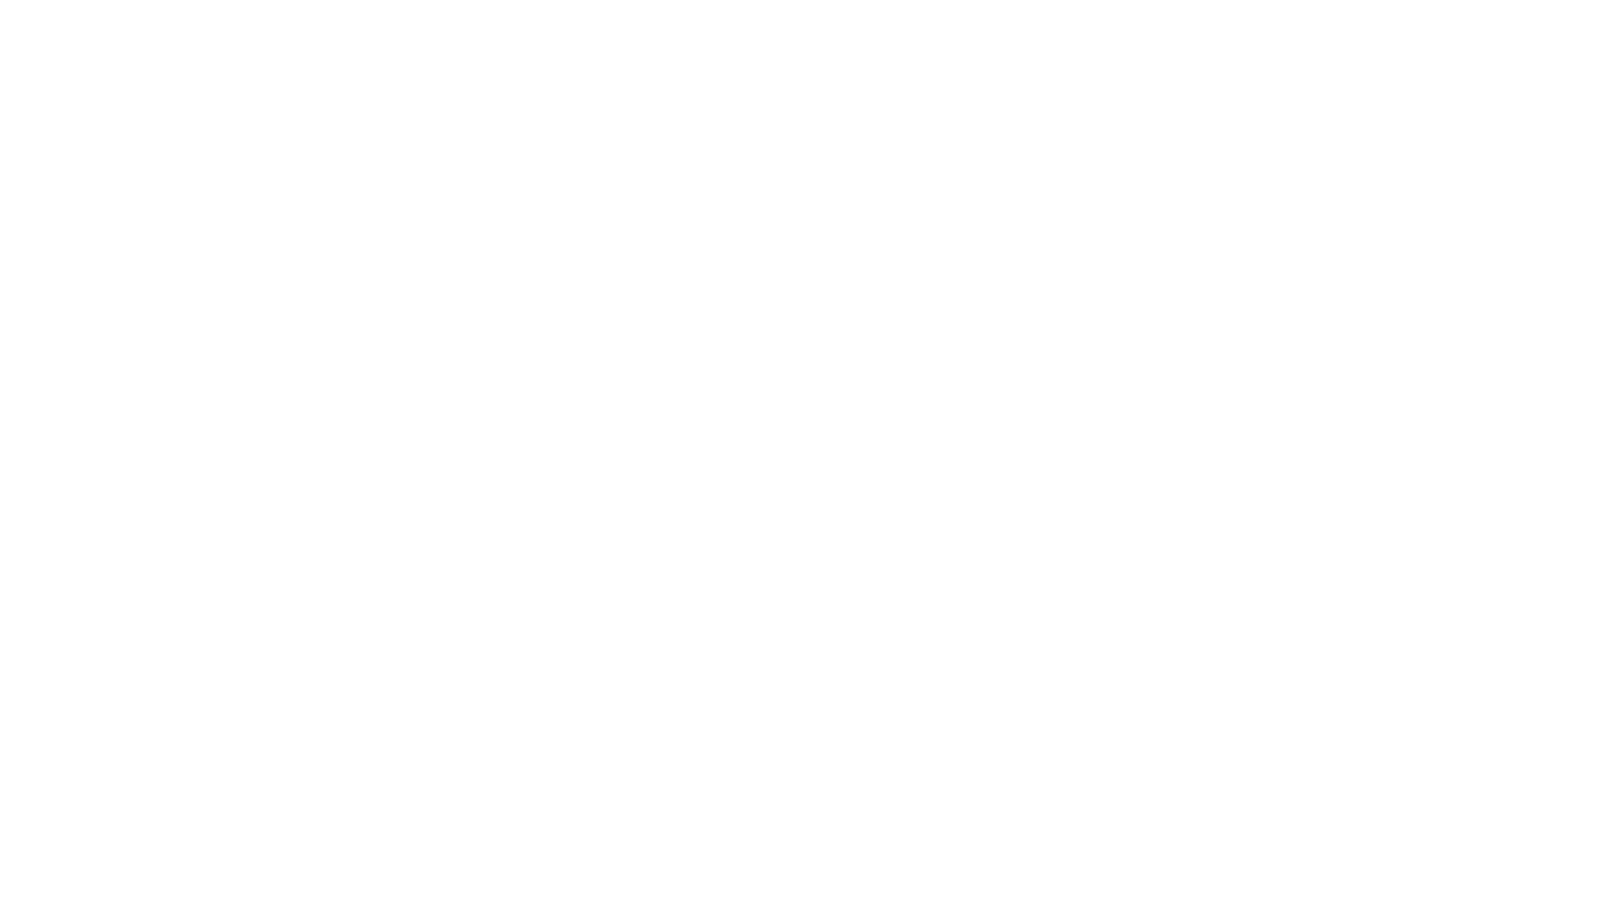 """↓↓↓↓↓ MAIS INFORMAÇÕES ABAIXO ↓↓↓↓↓  Conheça o ótimo livro """"Purificando o coração da idolatria sexual"""" de John Street e publicado pela editora Nutra. Um ótimo conteúdo para quem luta contra o pecado sexual e para quem aconselha pessoas nessa luta.   ----- + RECEBA ÓTIMA TEOLOGIA EM CASA: https://reviewclube.com.br -----  + NOSSAS REDES - Twitter: https://twitter.com/reviewclube - Instagram: https://www.instagram.com/review.clube - Telegram: https://t.me/reviewclube  + DÚVIDAS/SUGESTÕES/RECLAMANÇÕES - clube@doisdedosdeteologia.com.br  NÃO FAREMOS ATENDIMENTO PELOS COMENTÁRIOS DO YOUTUBE."""